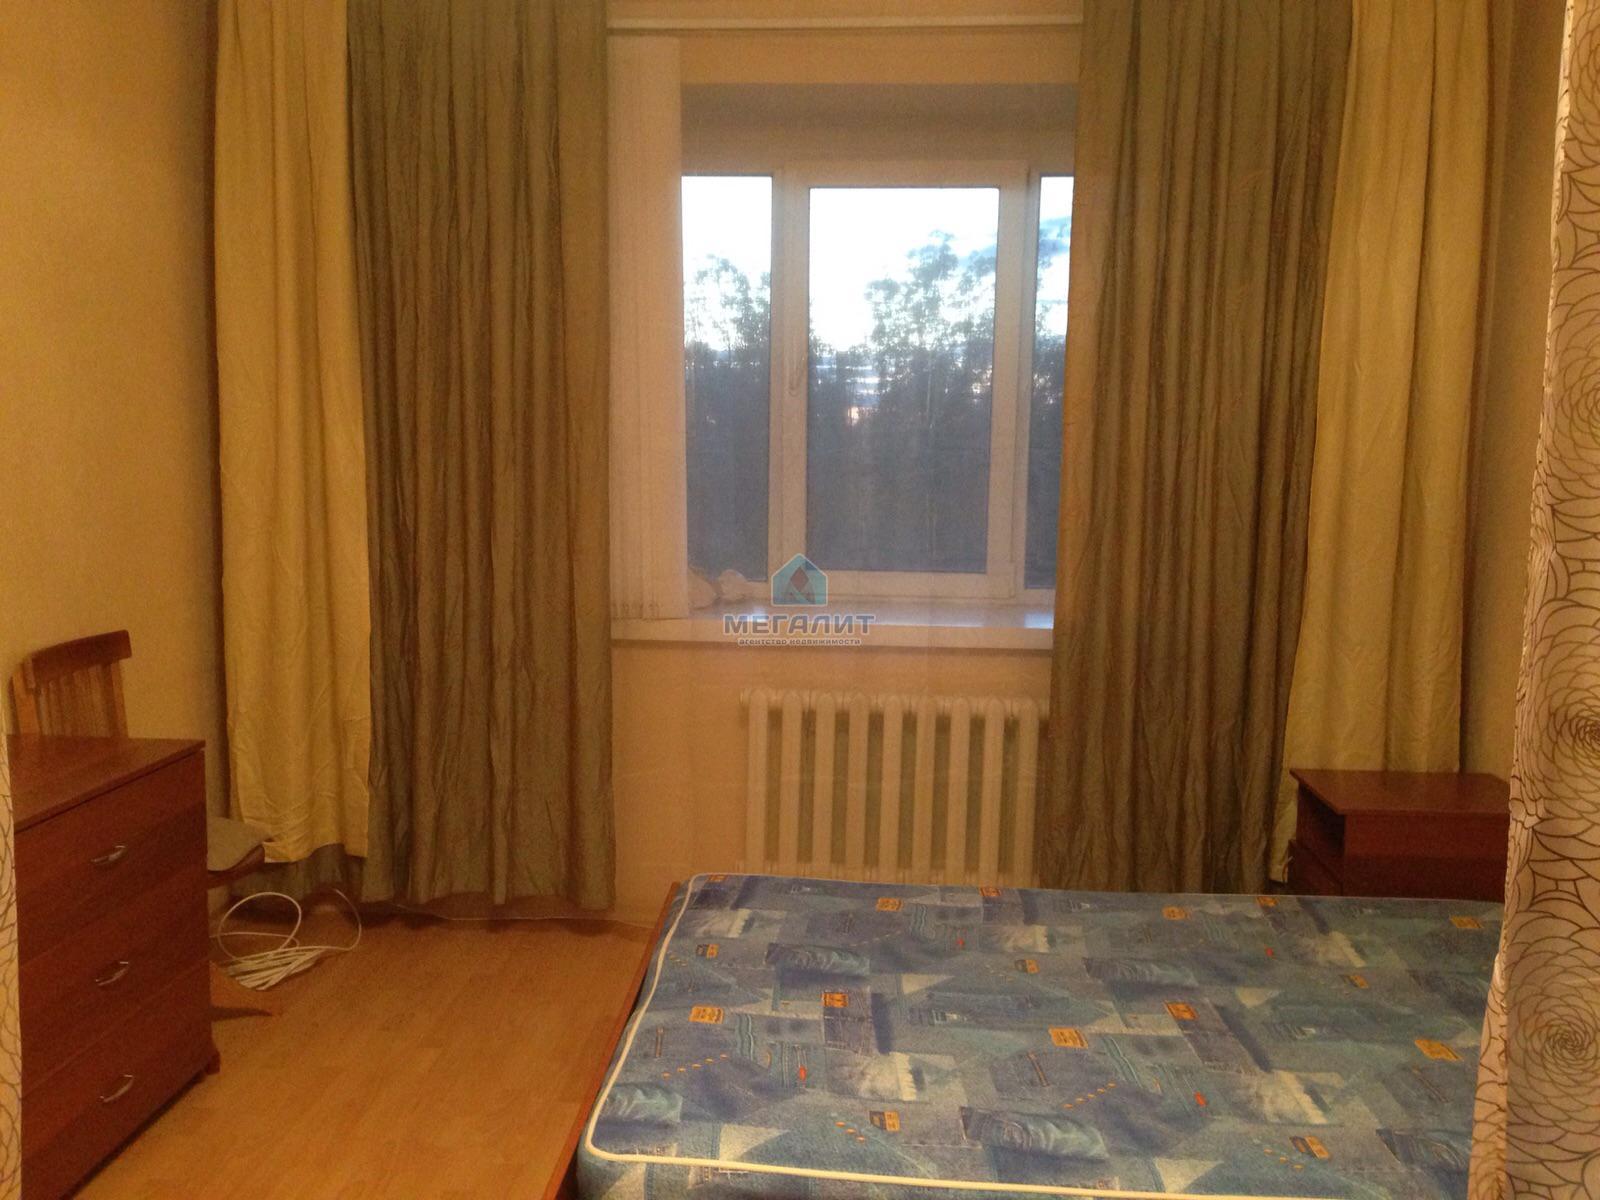 Аренда 1-к квартиры Мидхата Булатова 5, 50.0 м² (миниатюра №8)